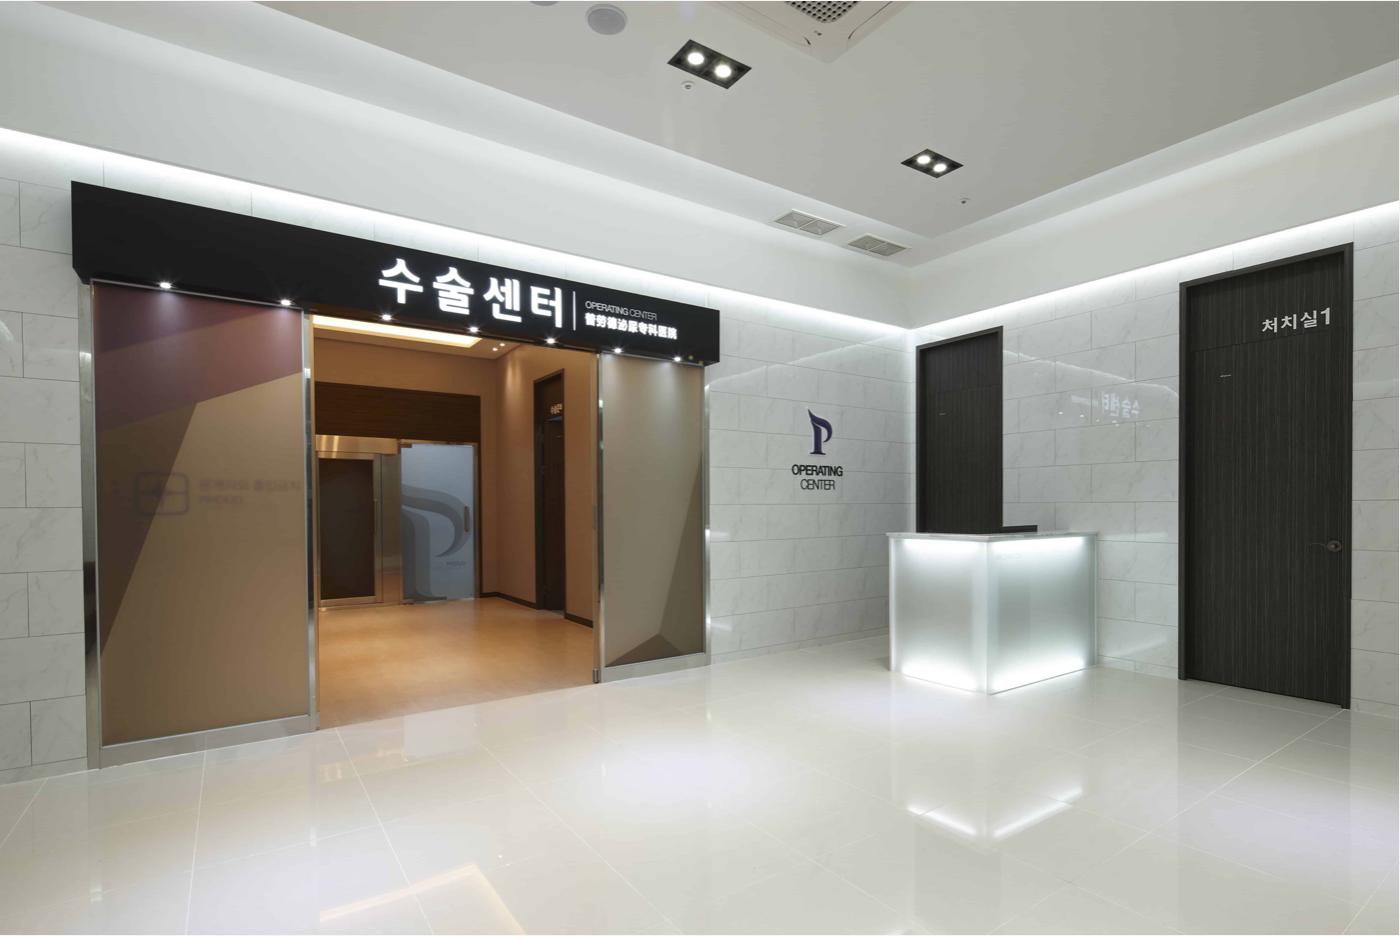 proud urology clinic surgery center